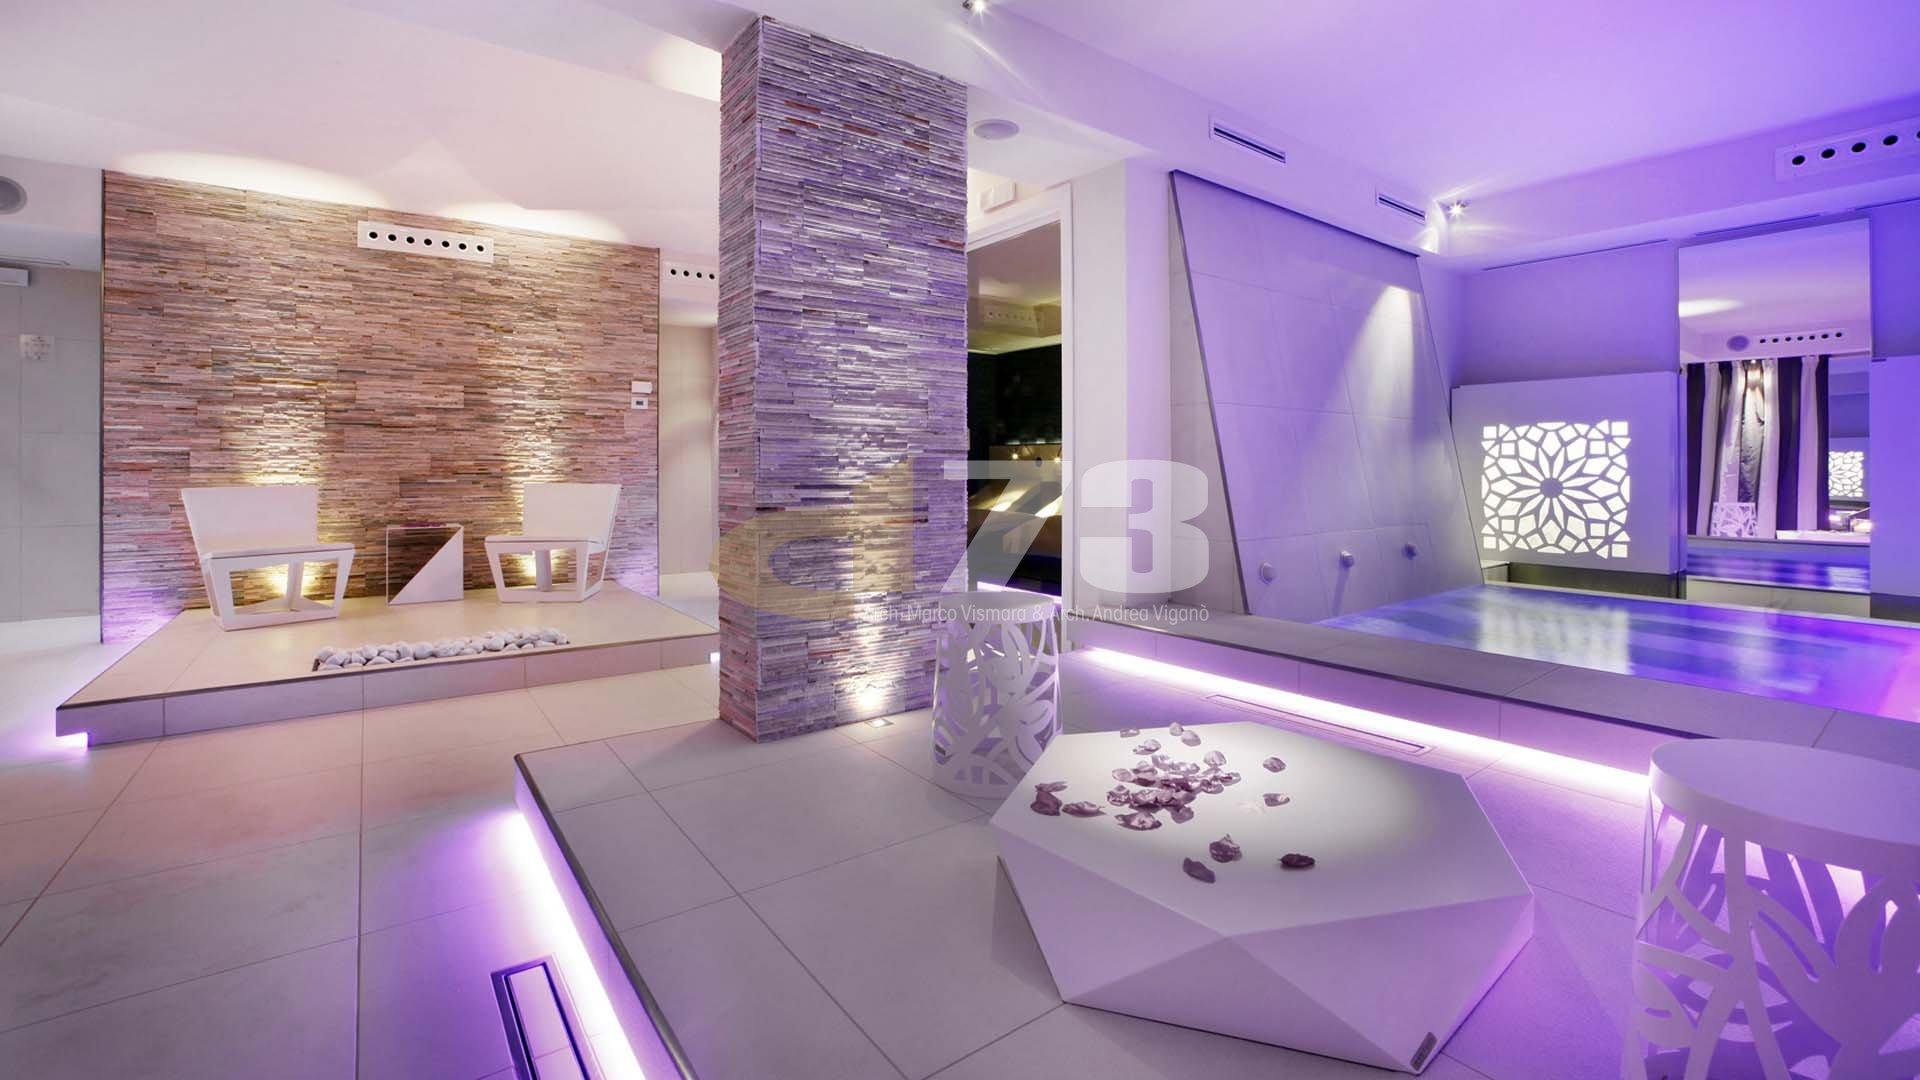 HOTEL PARIGI 2 SPA LA CASCADE DALMINE BERGAMO 5